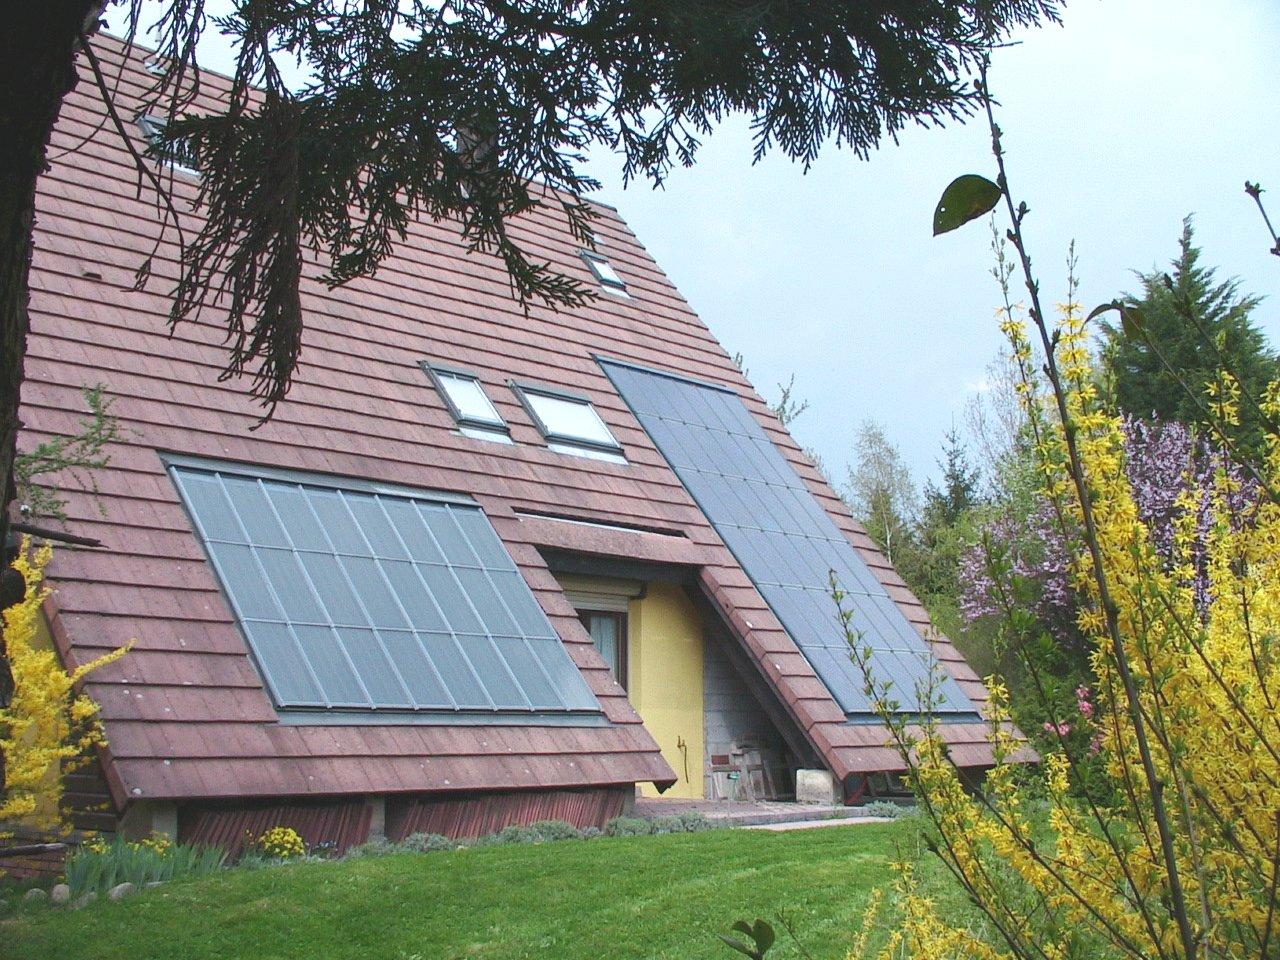 Panneaux solaires thermique et PV - Tout savoir sur la toiture photovoltaïque